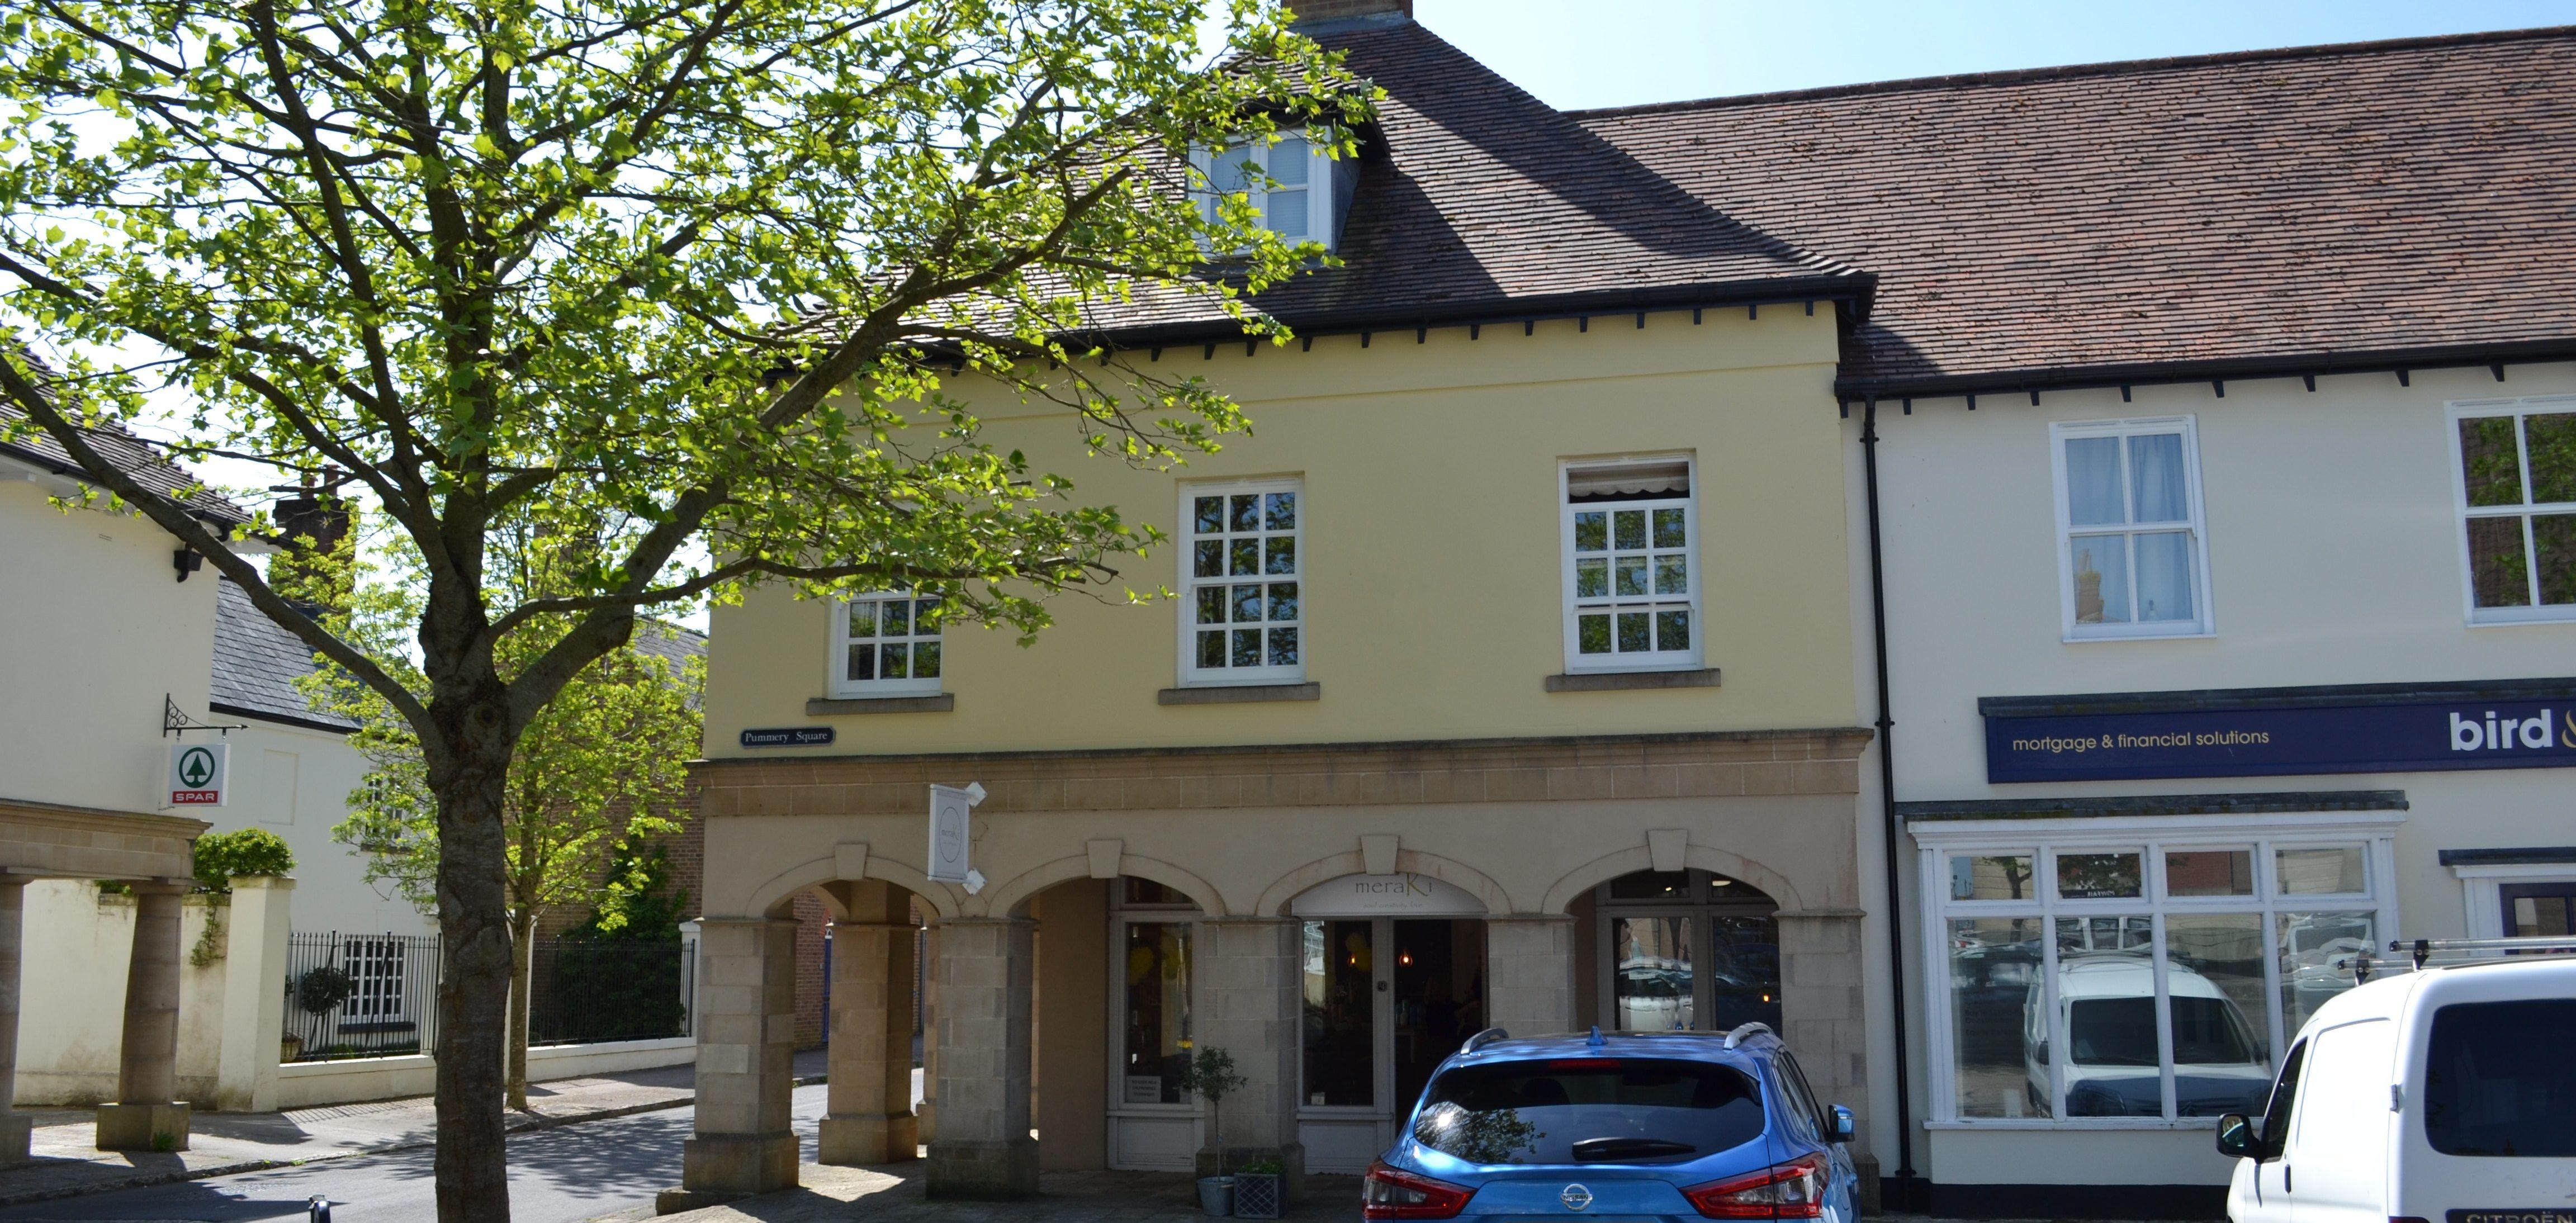 Wishay Street, Dorchester, DT1 3GU